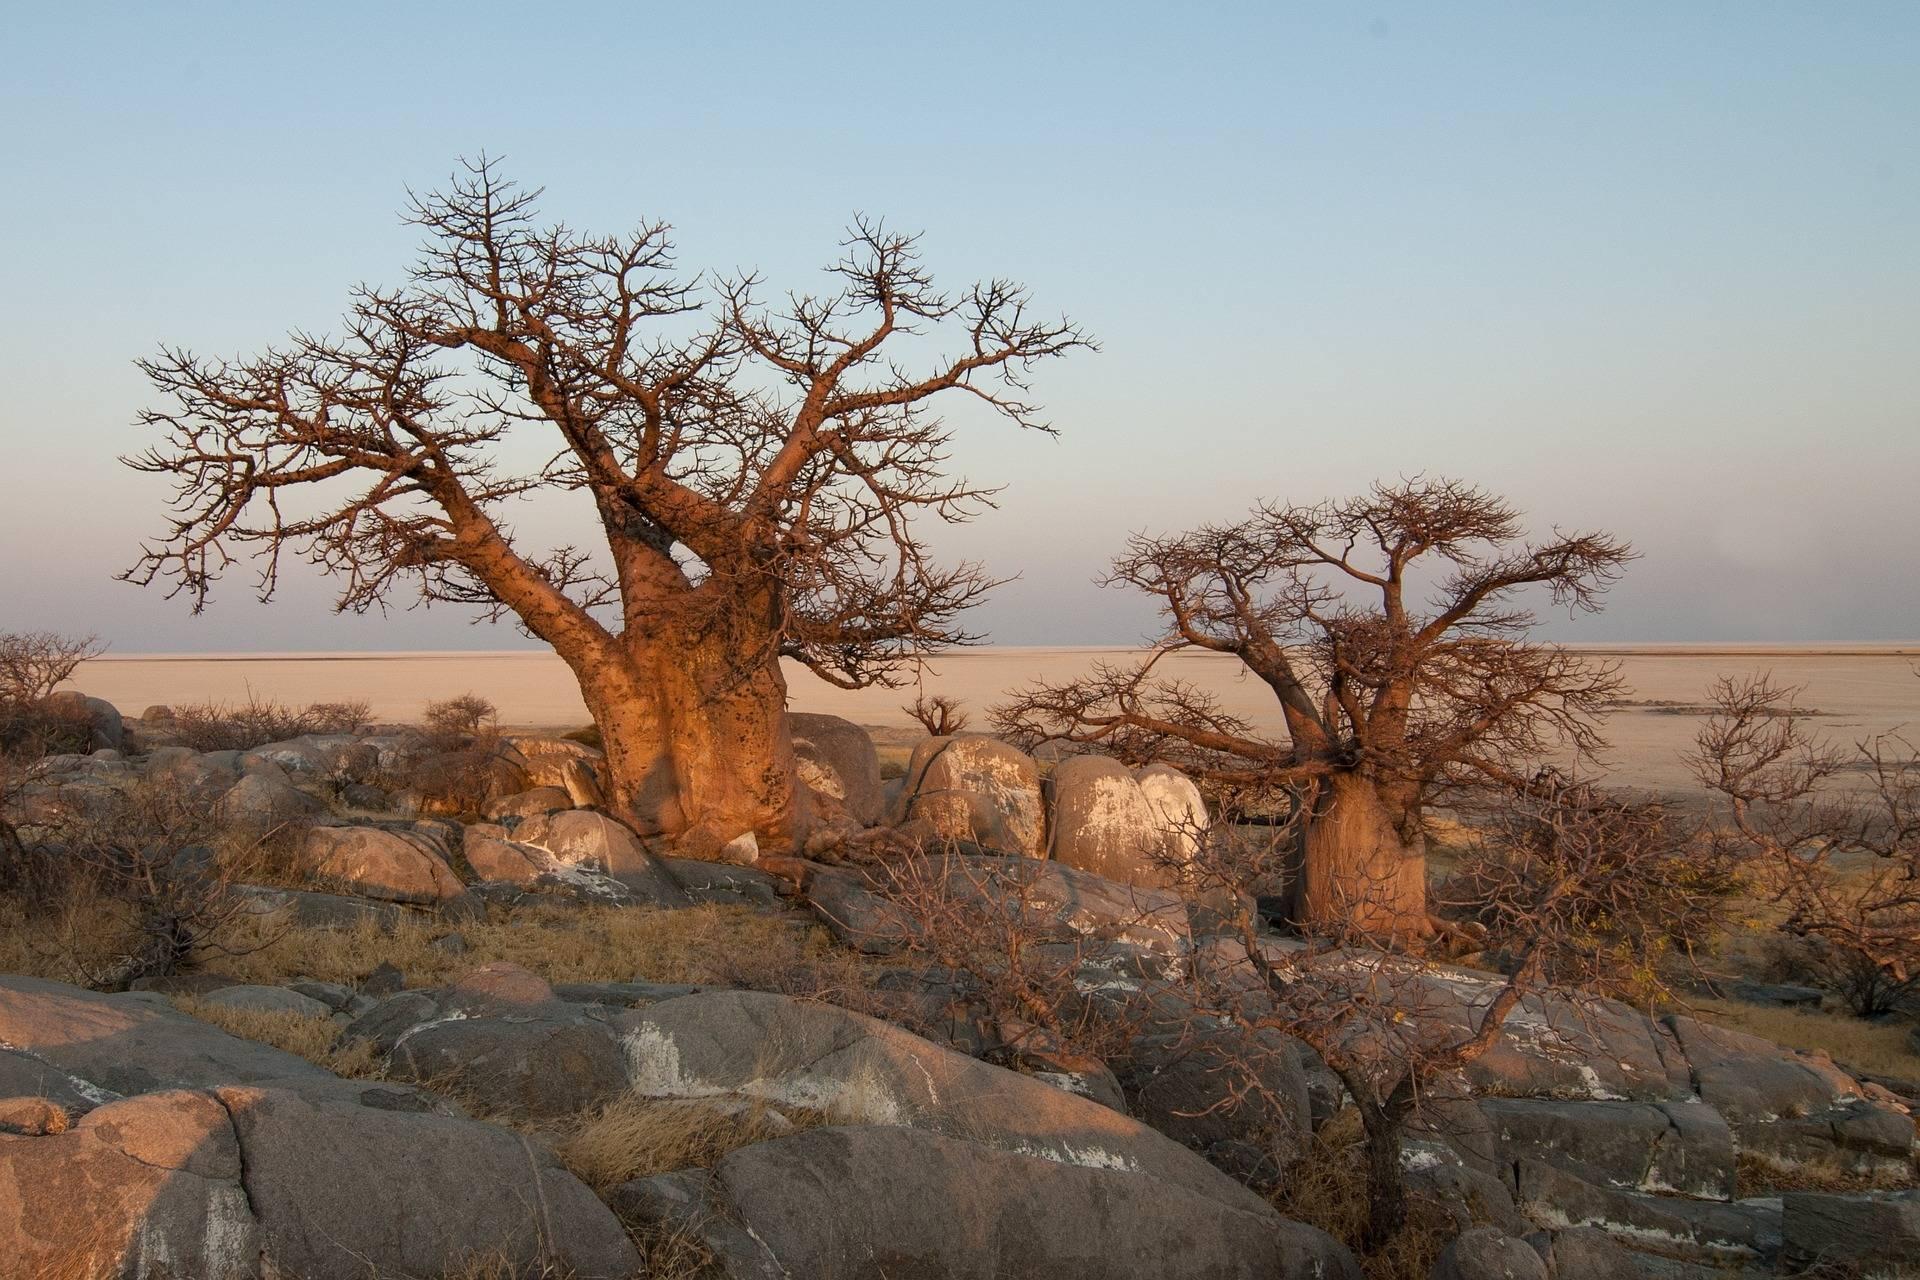 Affenbrotbaum-Baobab